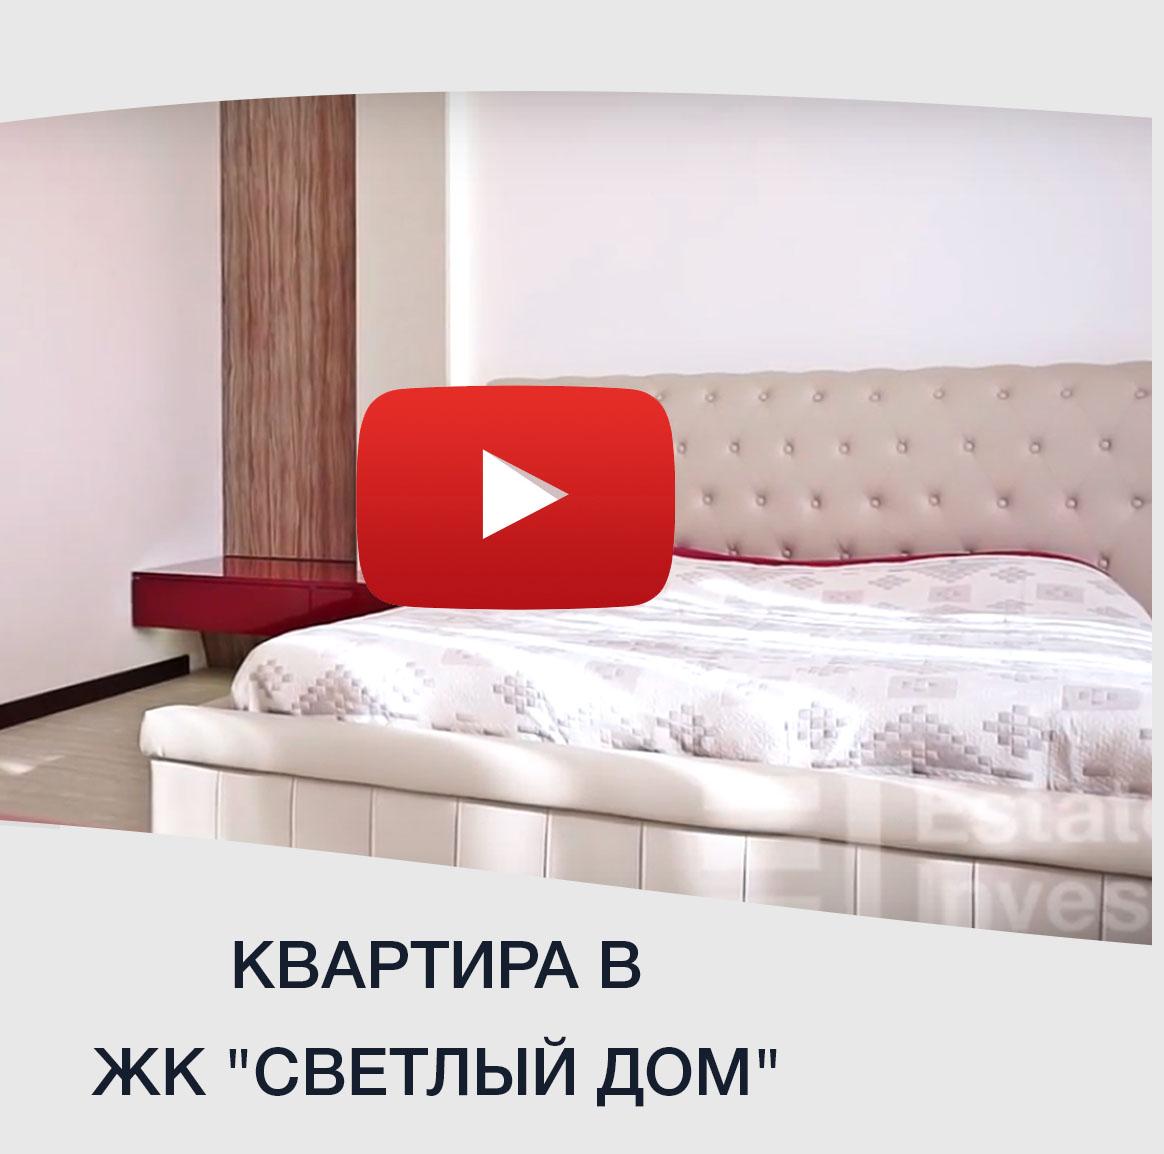 Услуги продавцам4